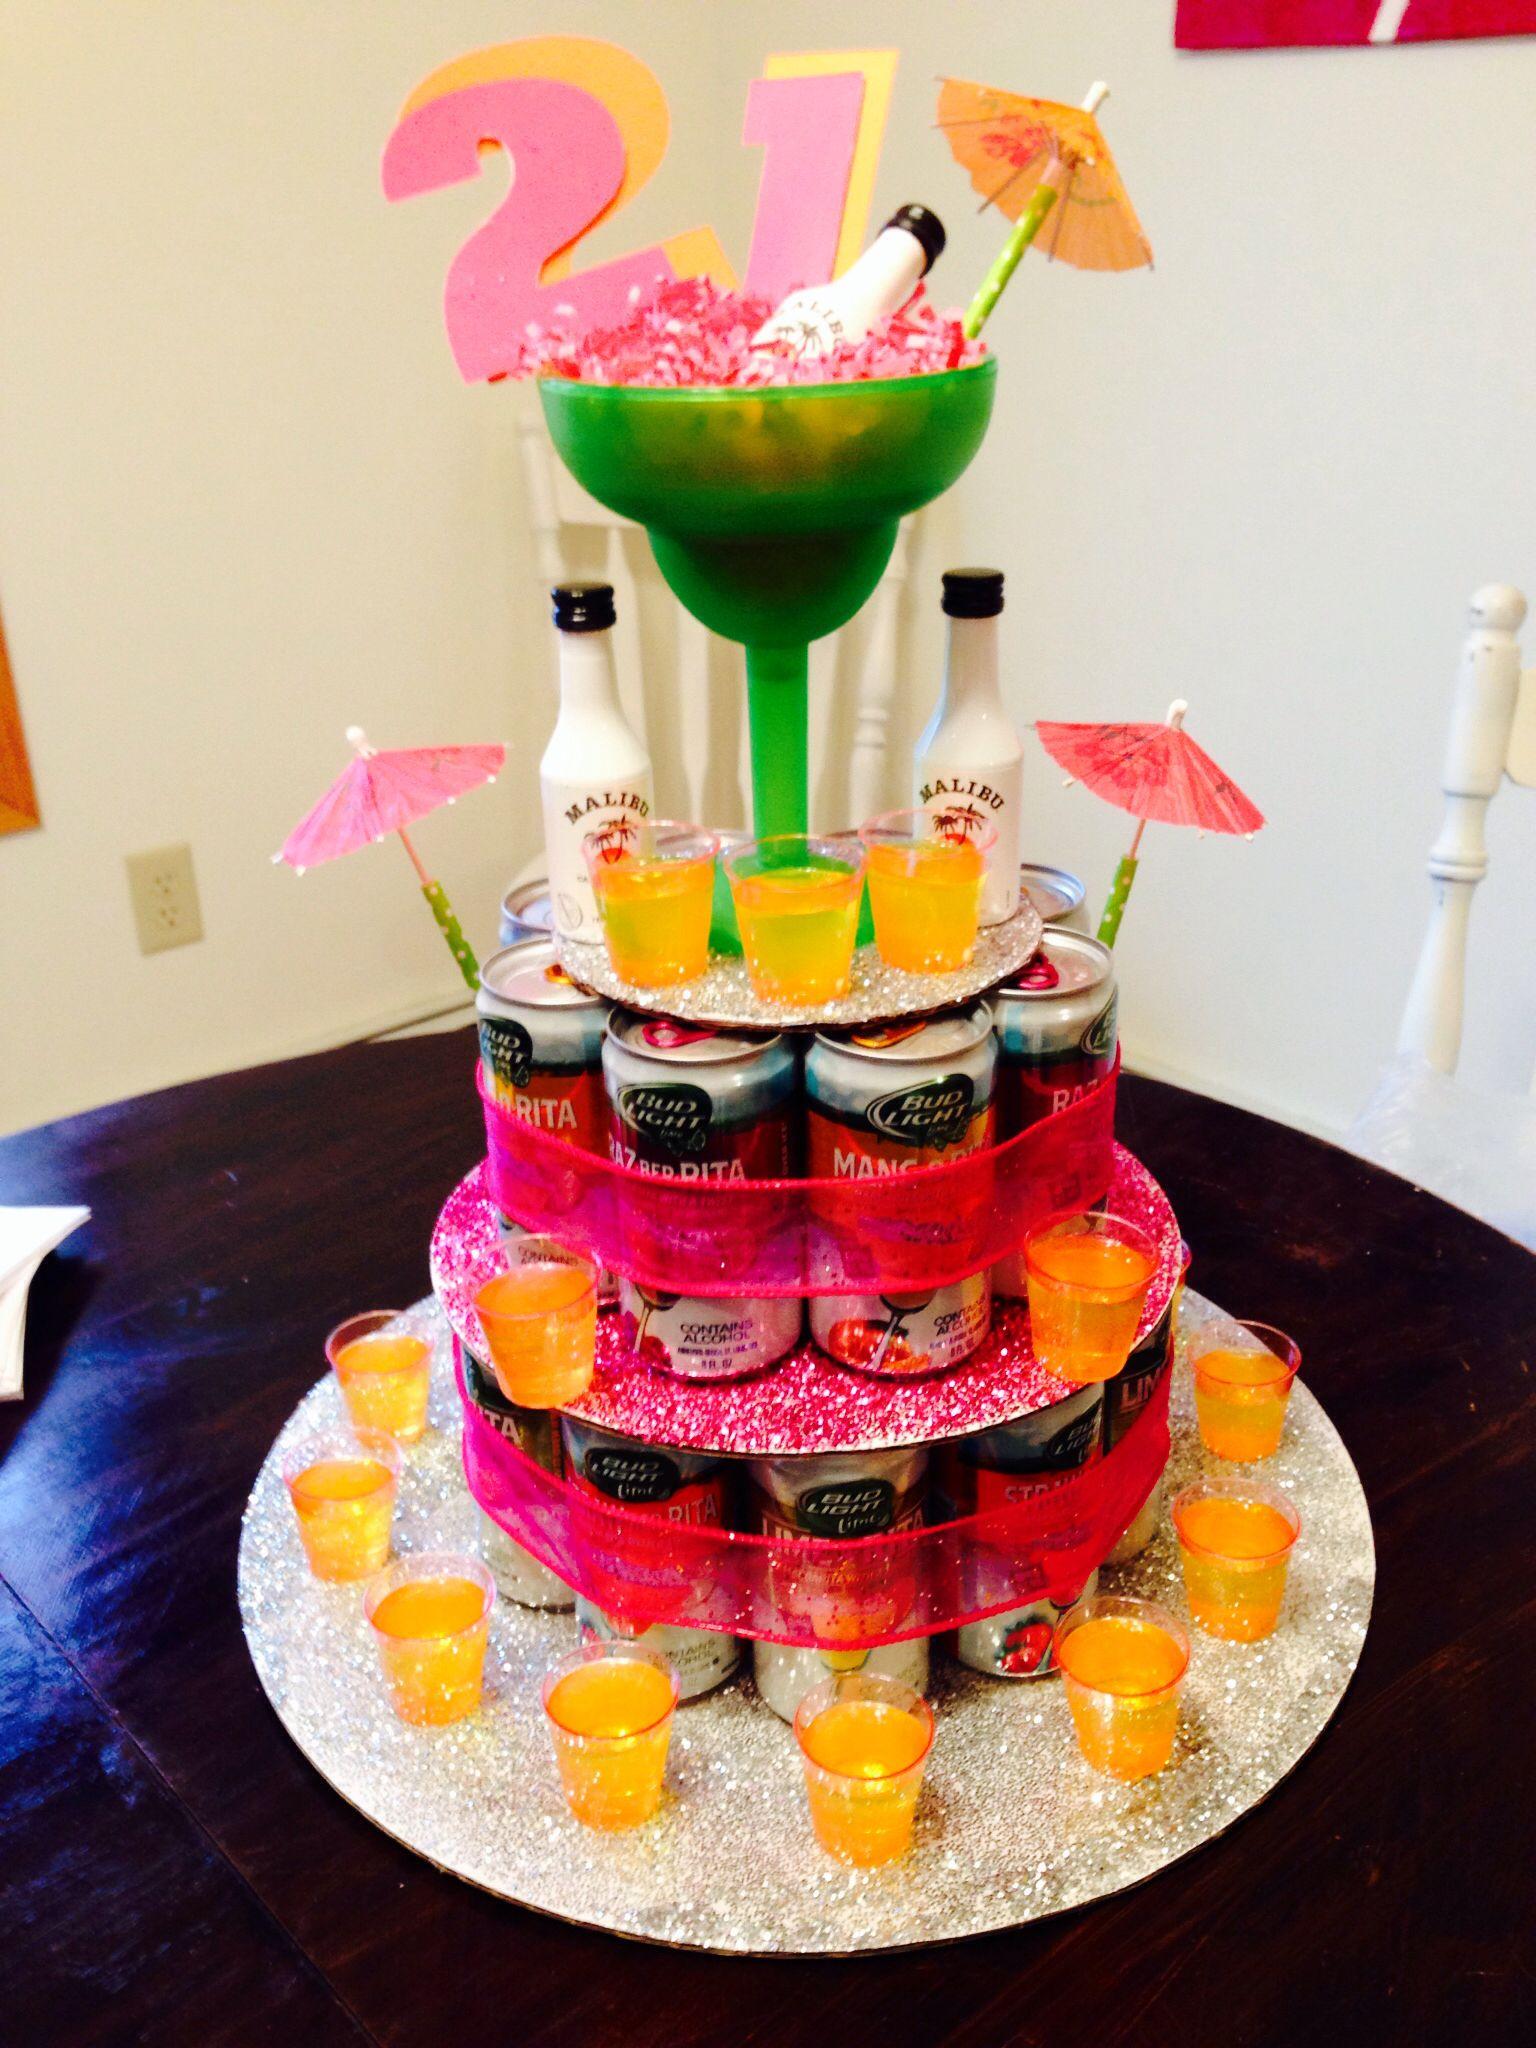 21st Birthday Cake! @Kiersten Burkhardt Burkhardt Dolensek @Monica Forghani Forghani Forghani Barrette